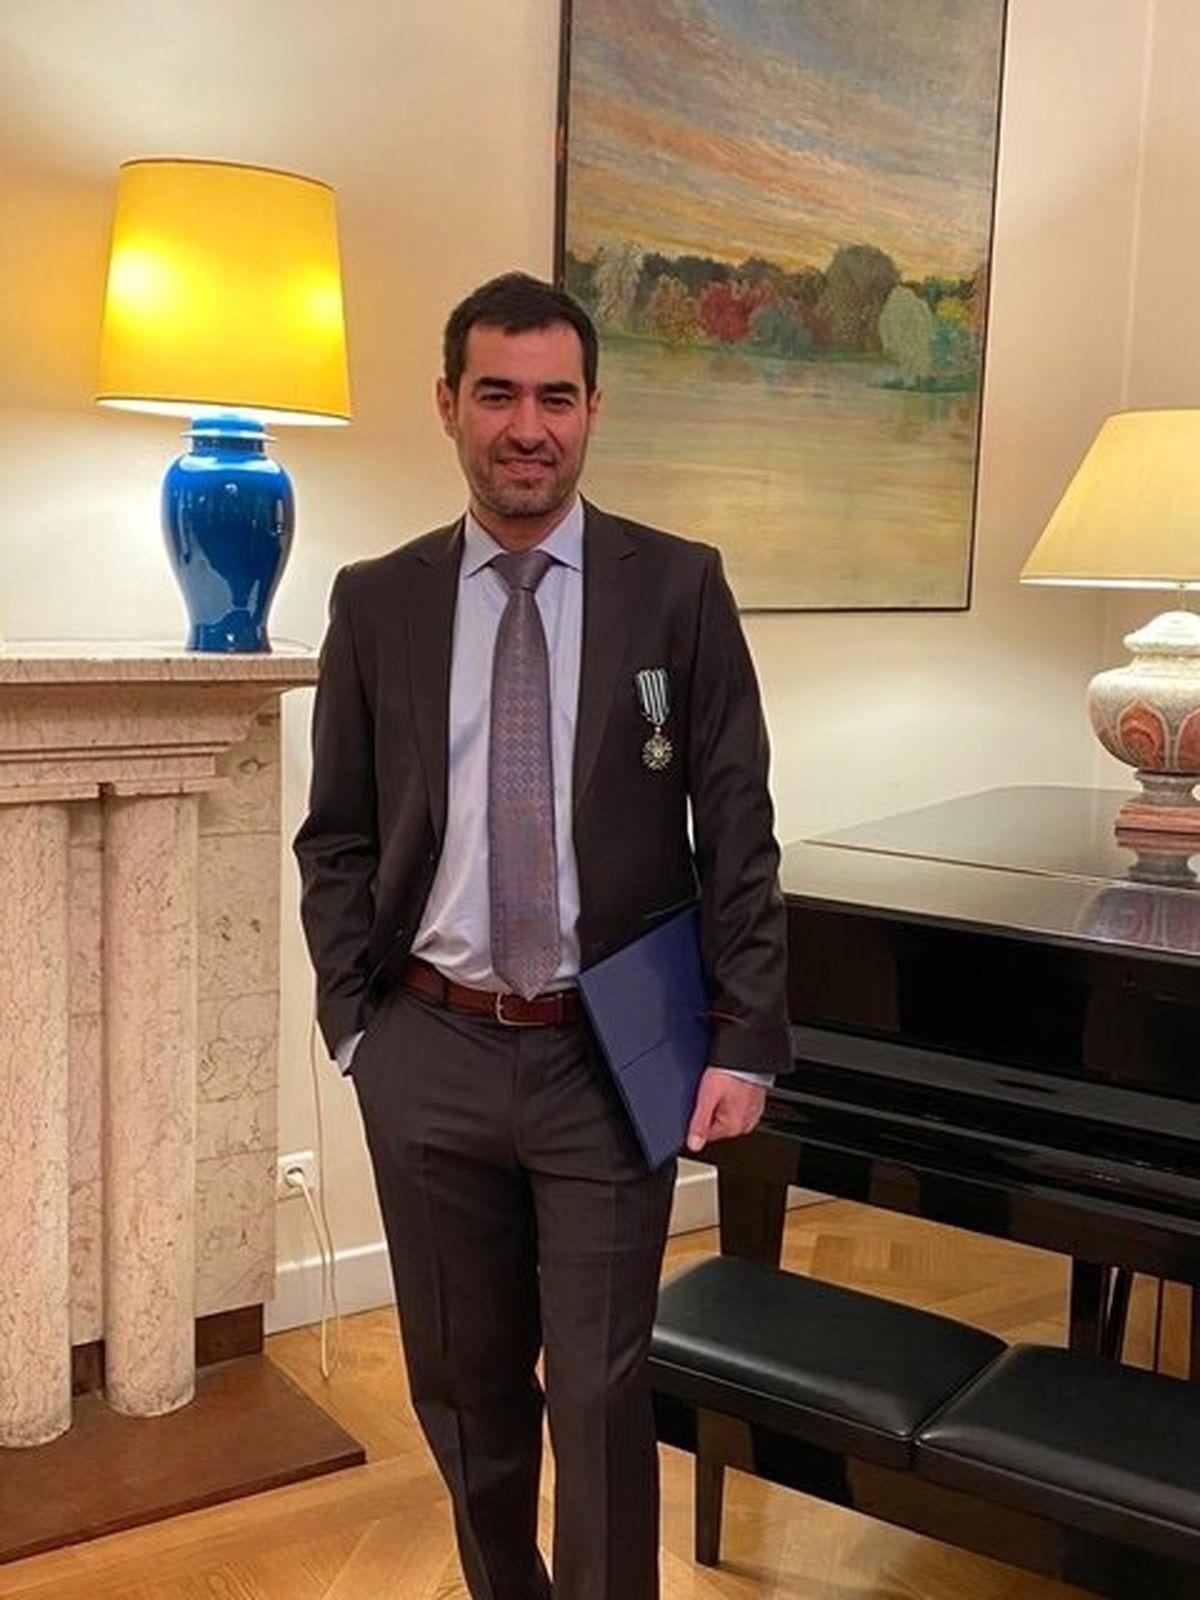 شهاب حسینی نشان شوالیه را دریافت کرد